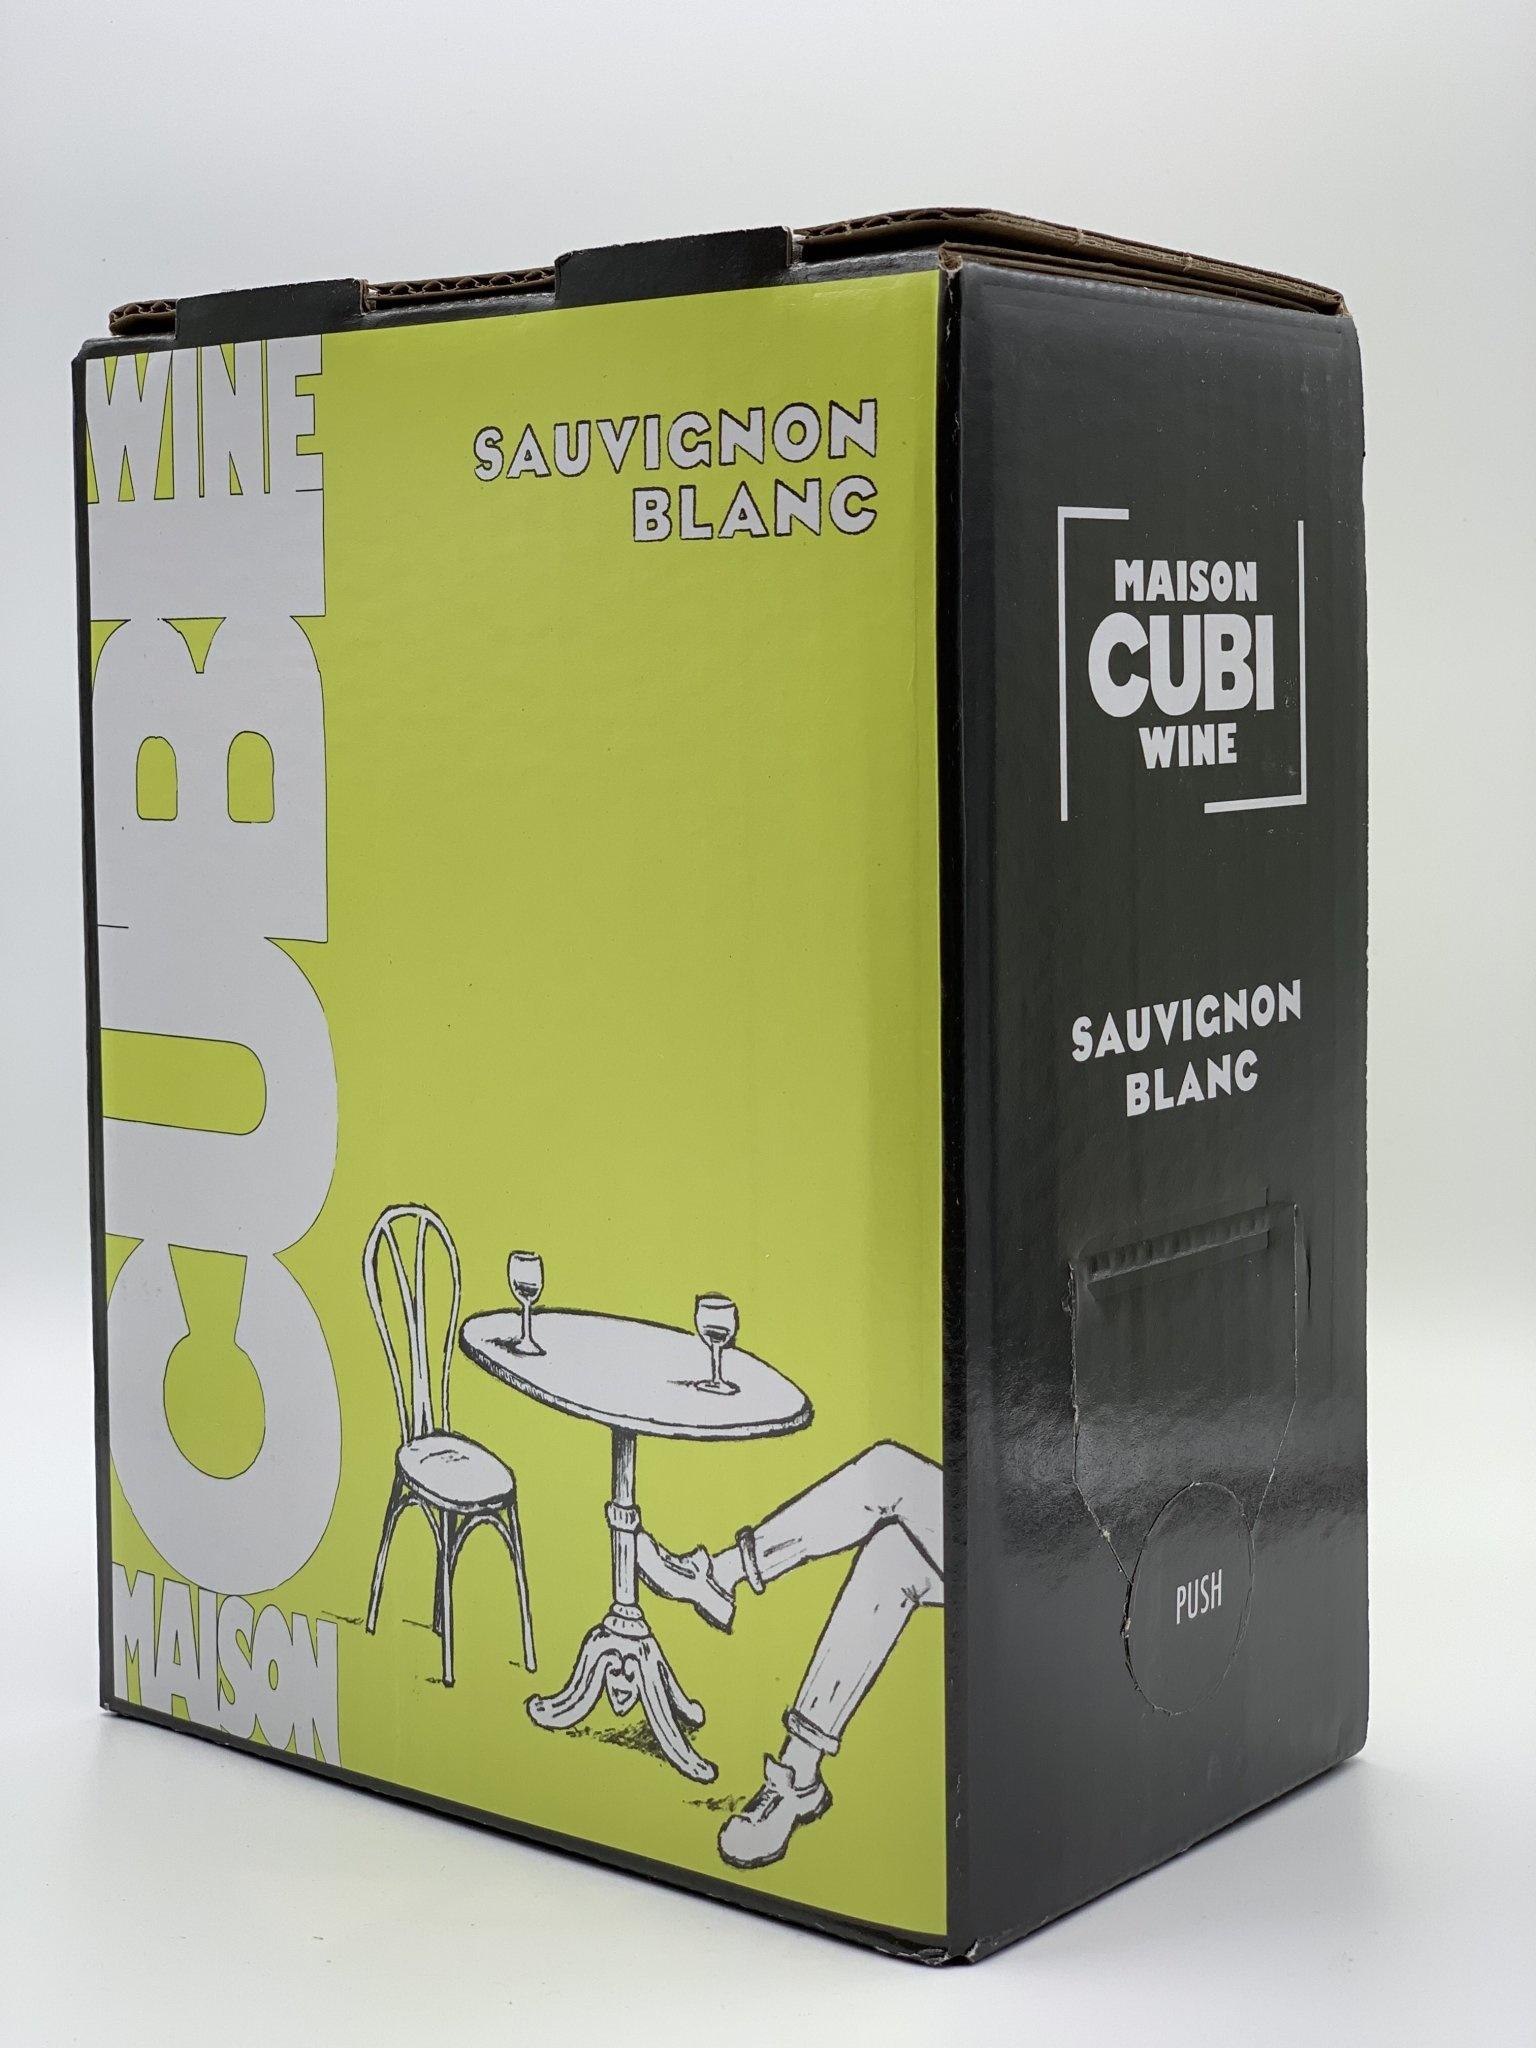 Pays D'oc Sauvignon Blanc 3.0 liter Box 2020 Maison Cubi